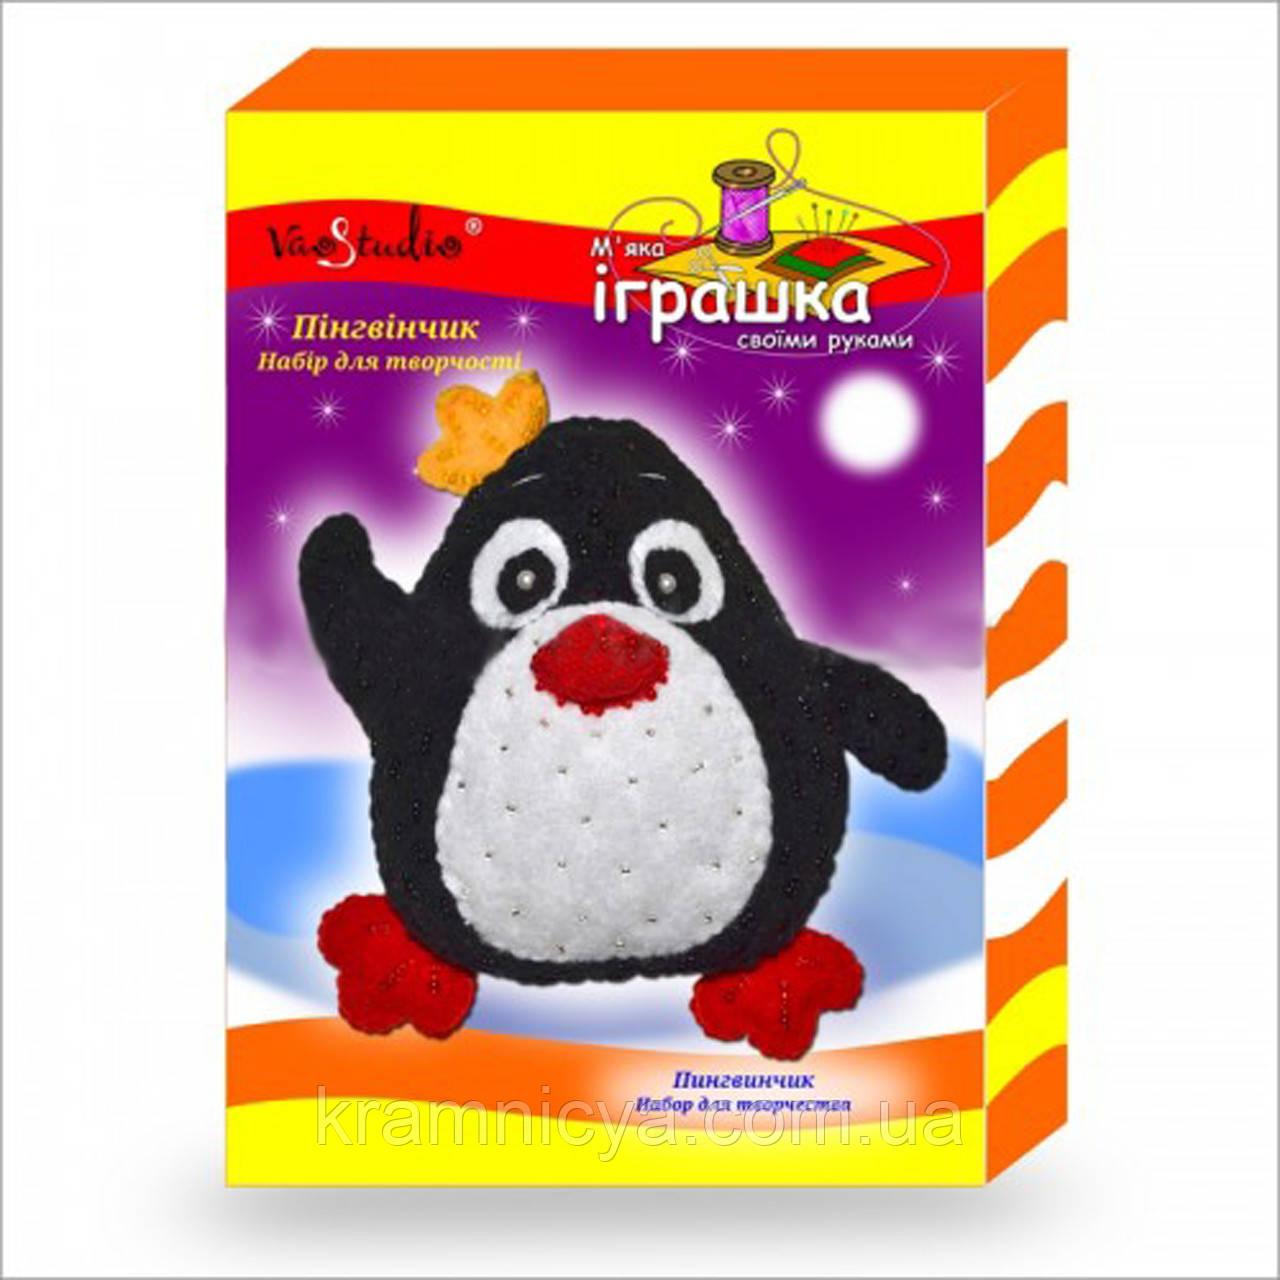 Набор для творчества 'Пингвинчик', серия Мягкая игрушкa